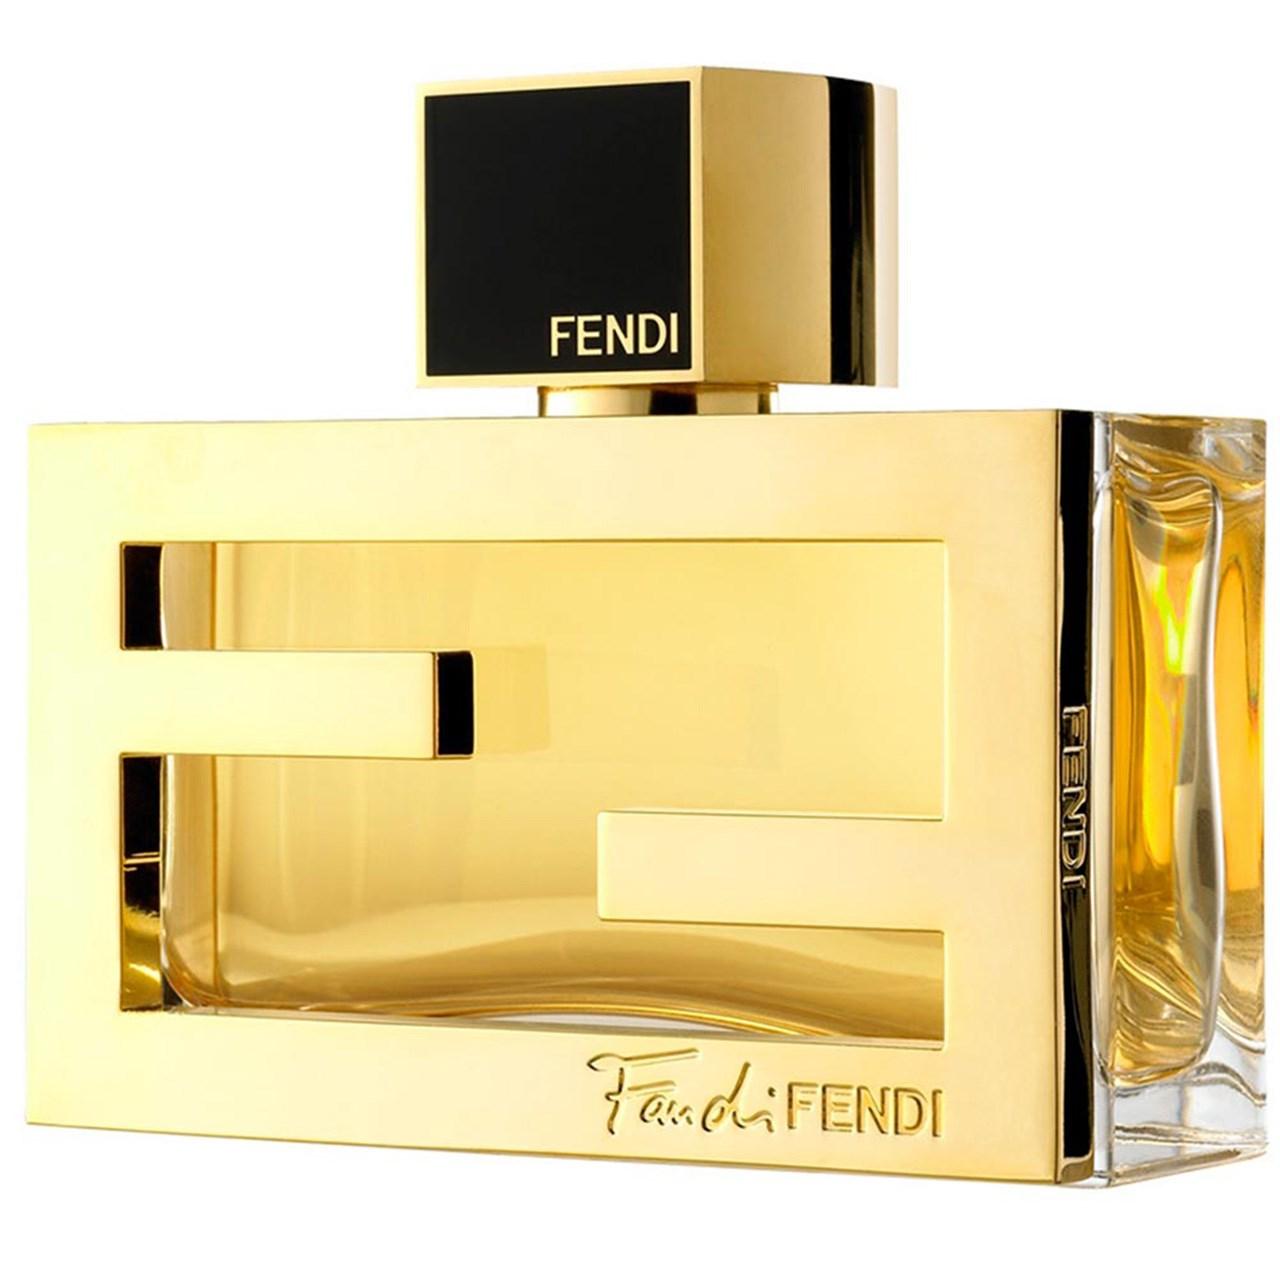 خرید اینترنتی ادو پرفیوم زنانه فندی مدل Fan Di Fendi حجم 75 میلی لیتر اورجینال